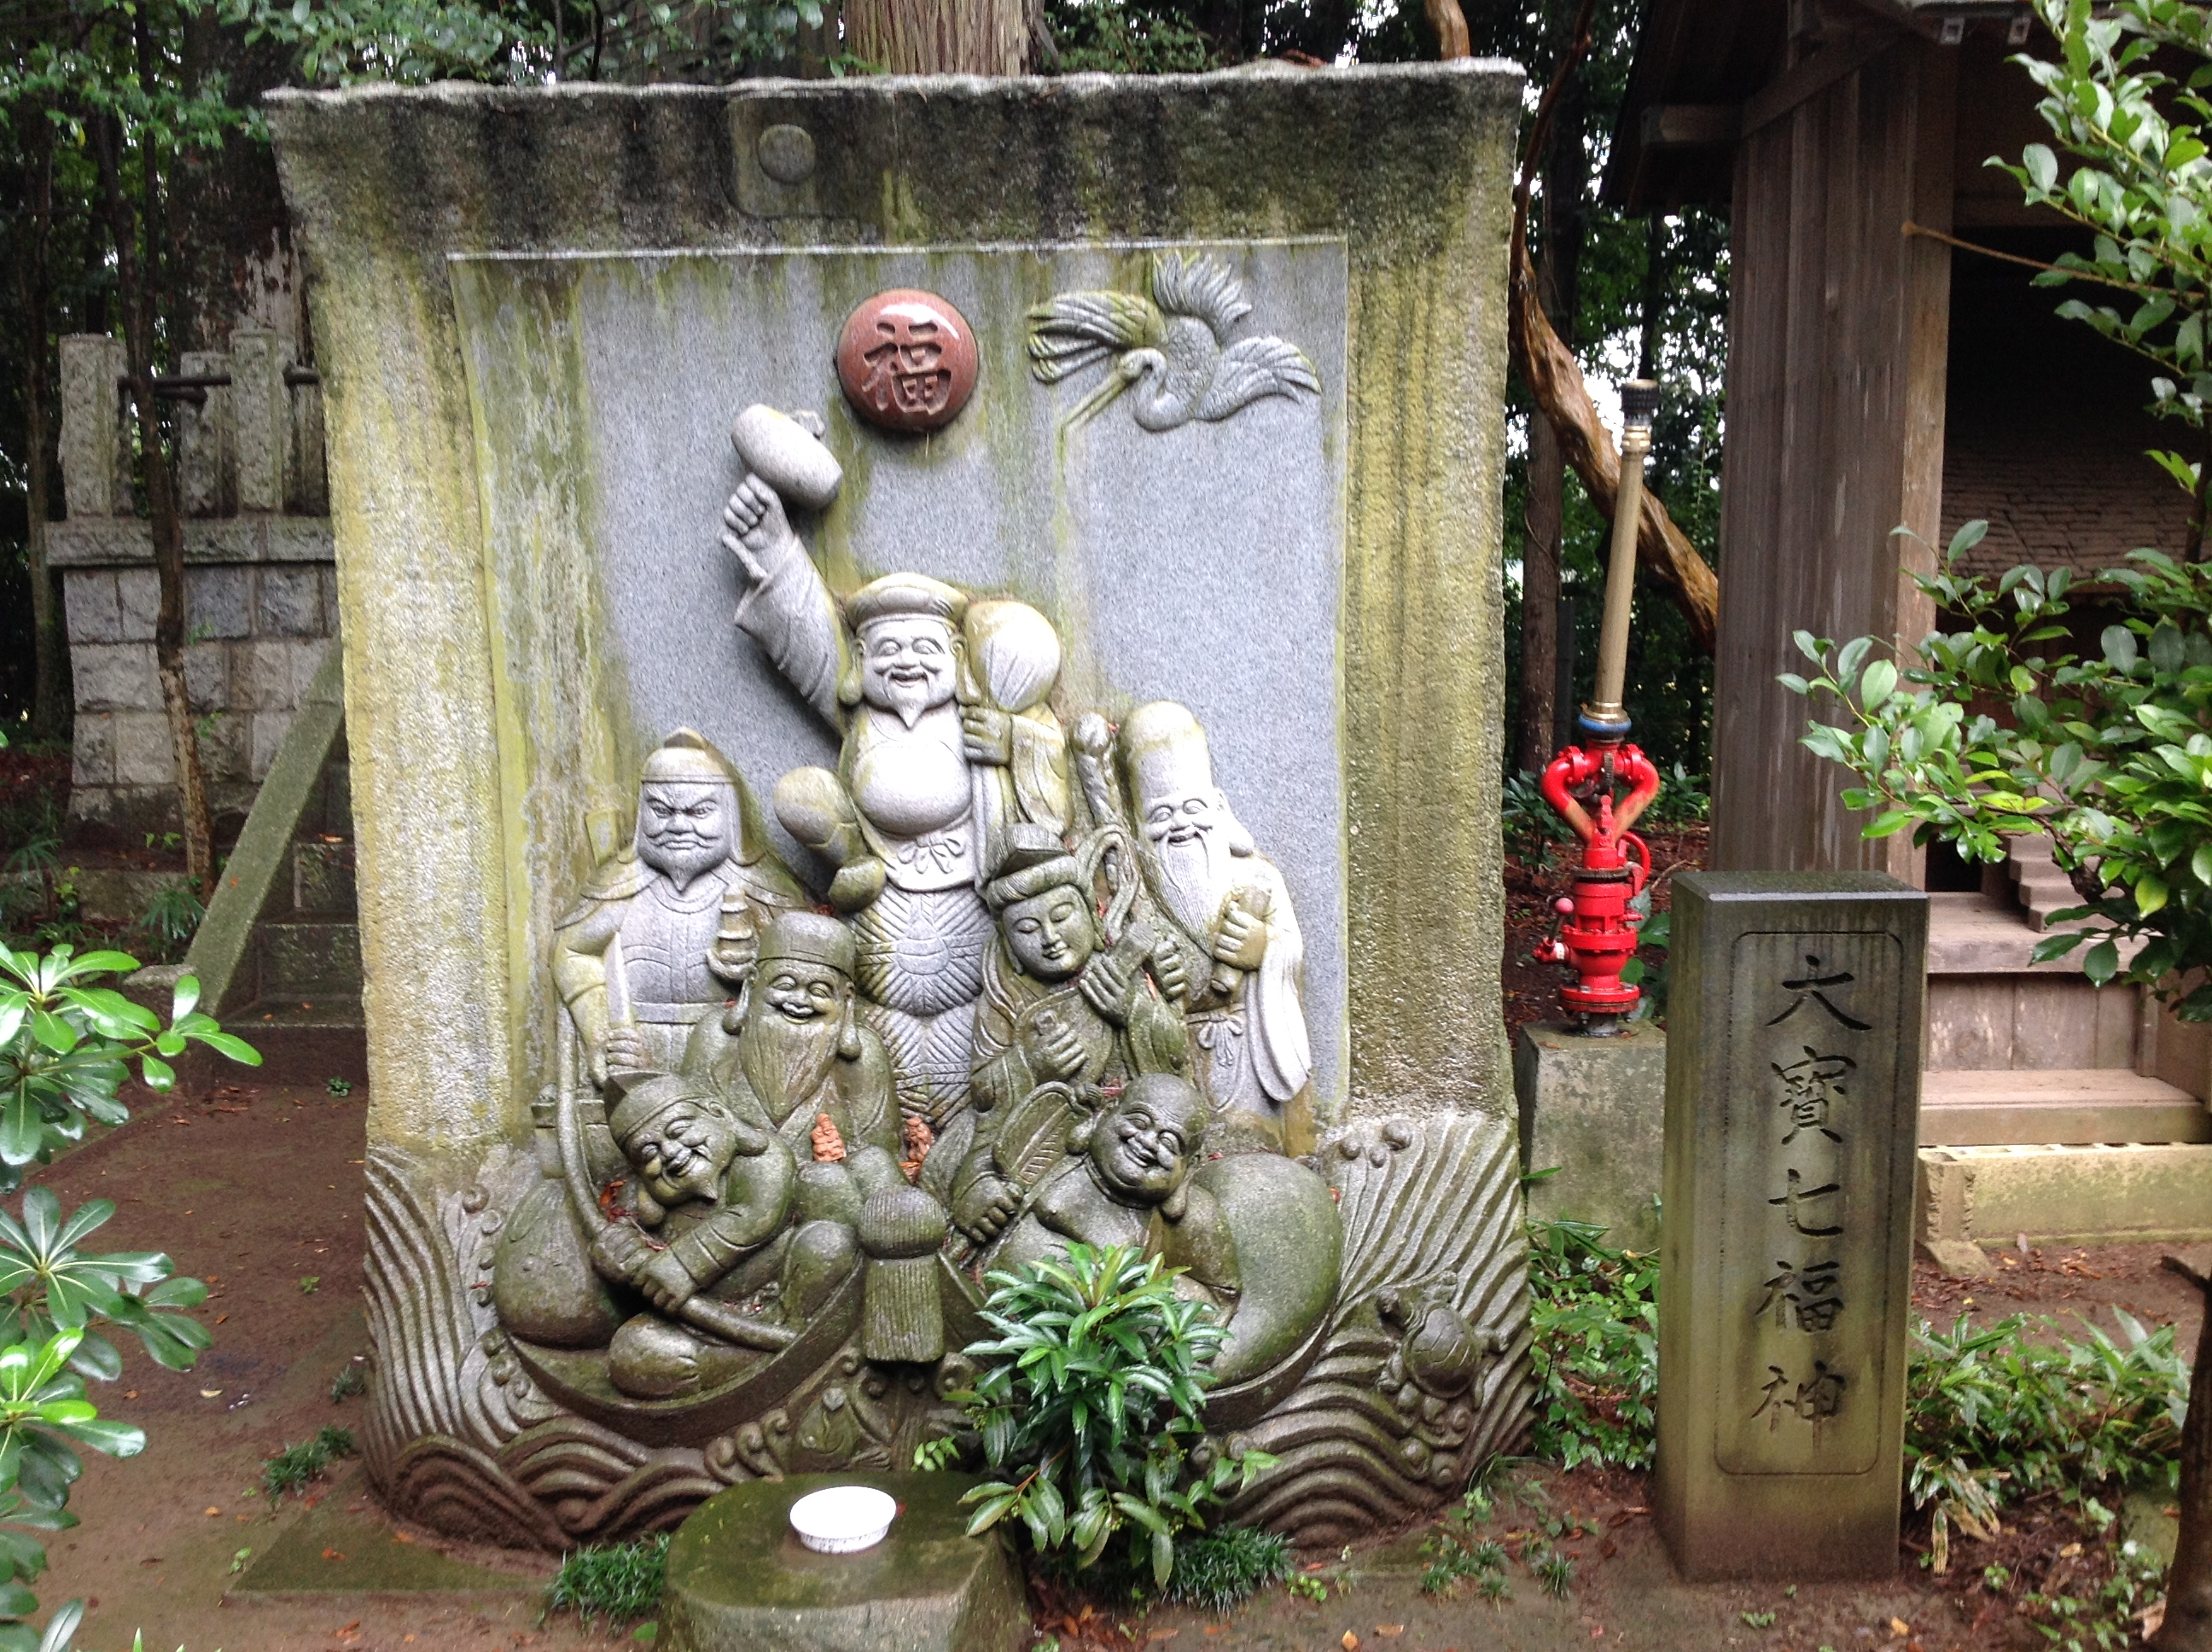 宝くじ祈願ができる神社があった!大宝八幡宮でお水取り